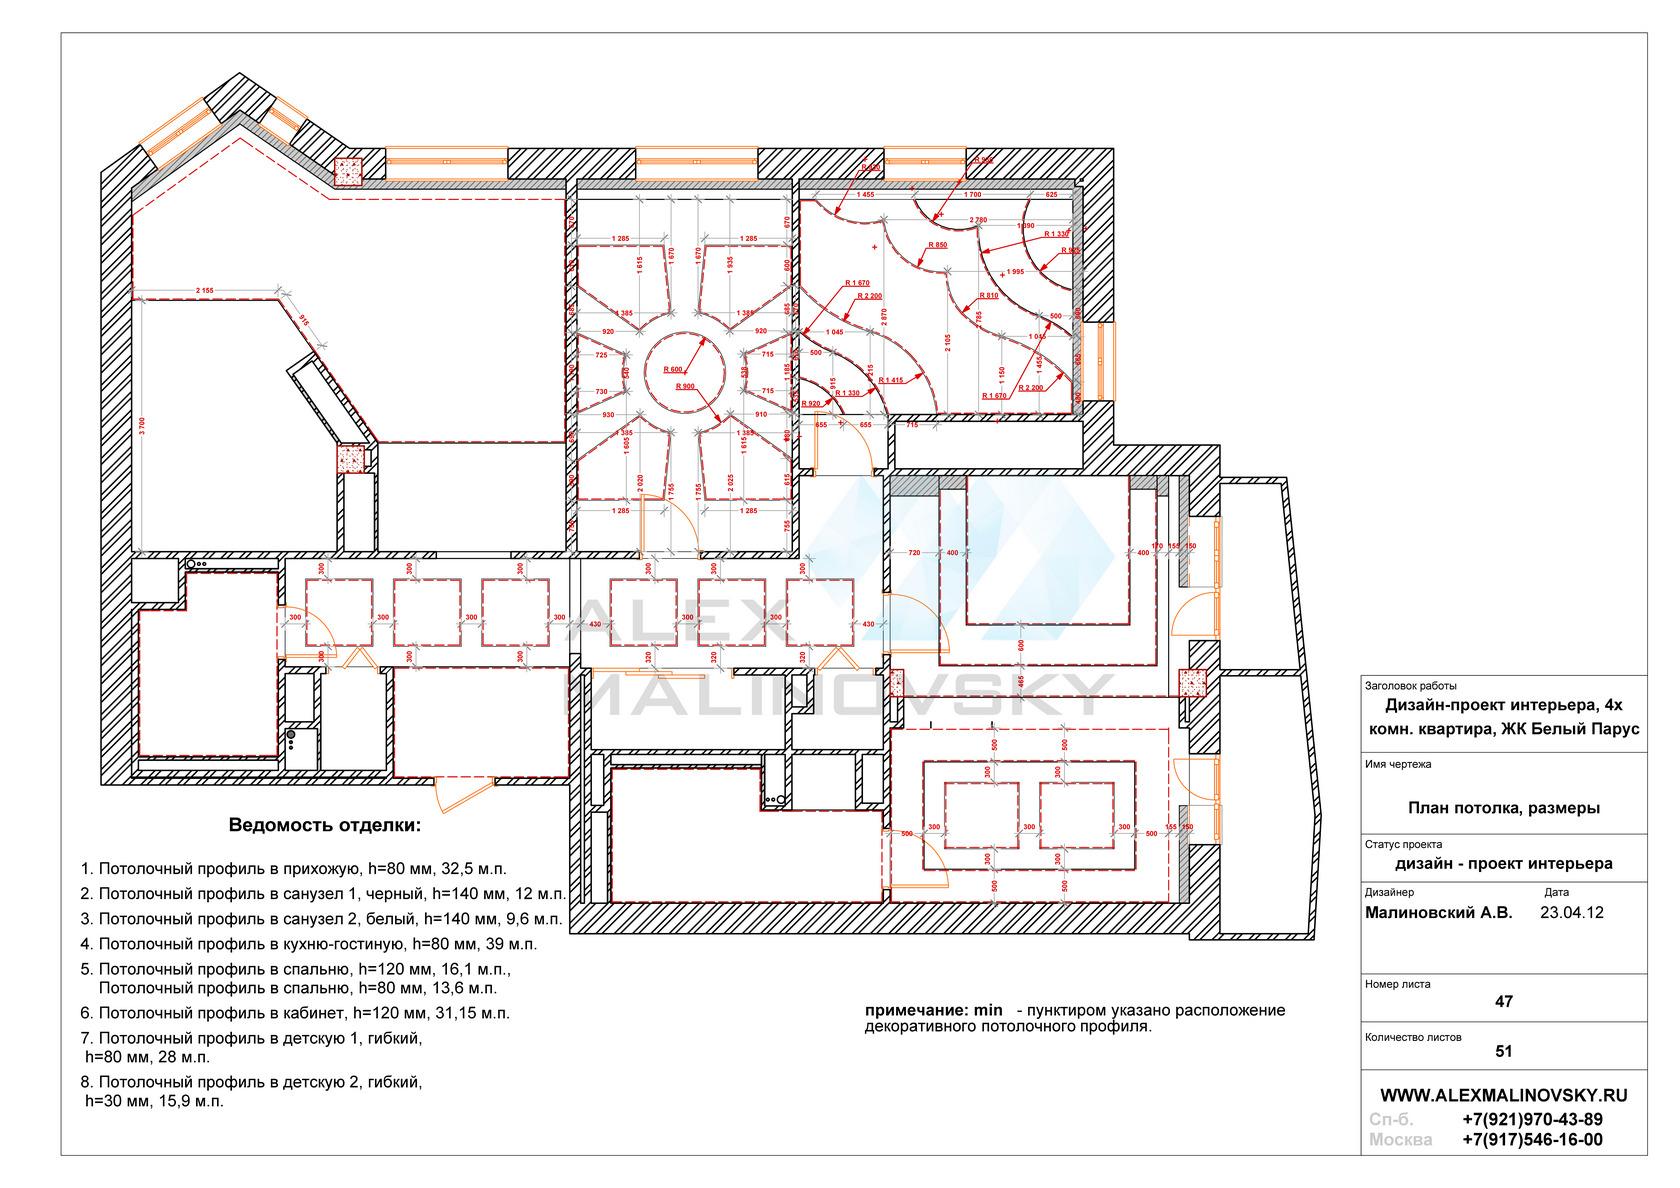 47, план потолка